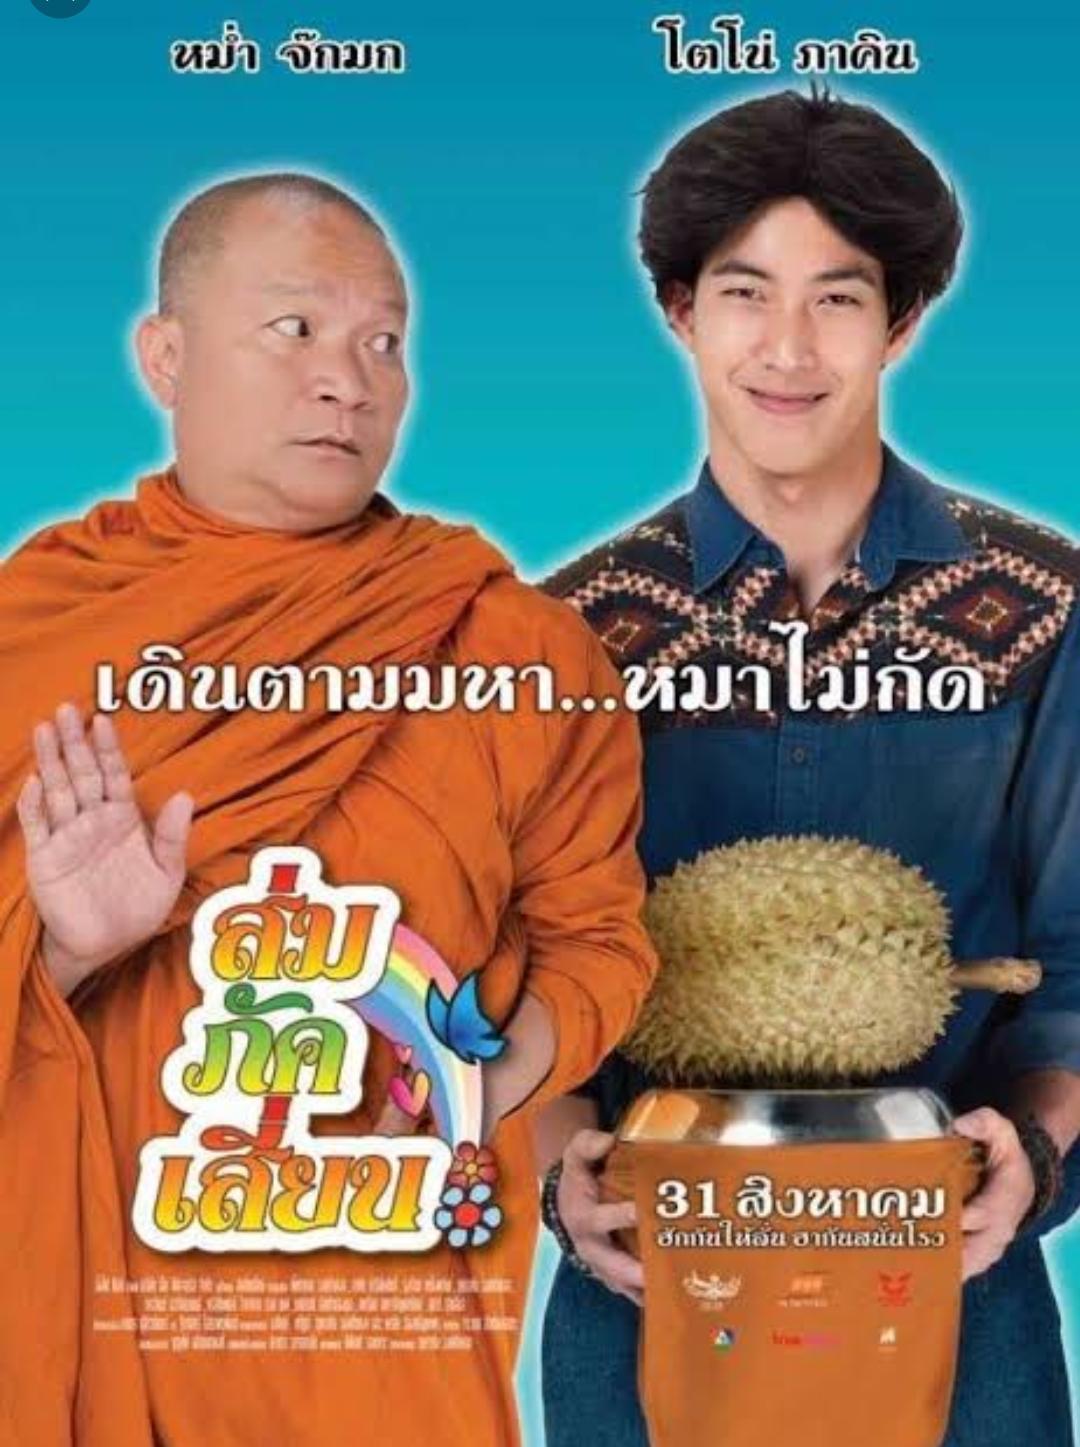 พระร้องไห้ ...ฉากที่โดนแบน สะท้อนความจริงของสังคมไทย ?